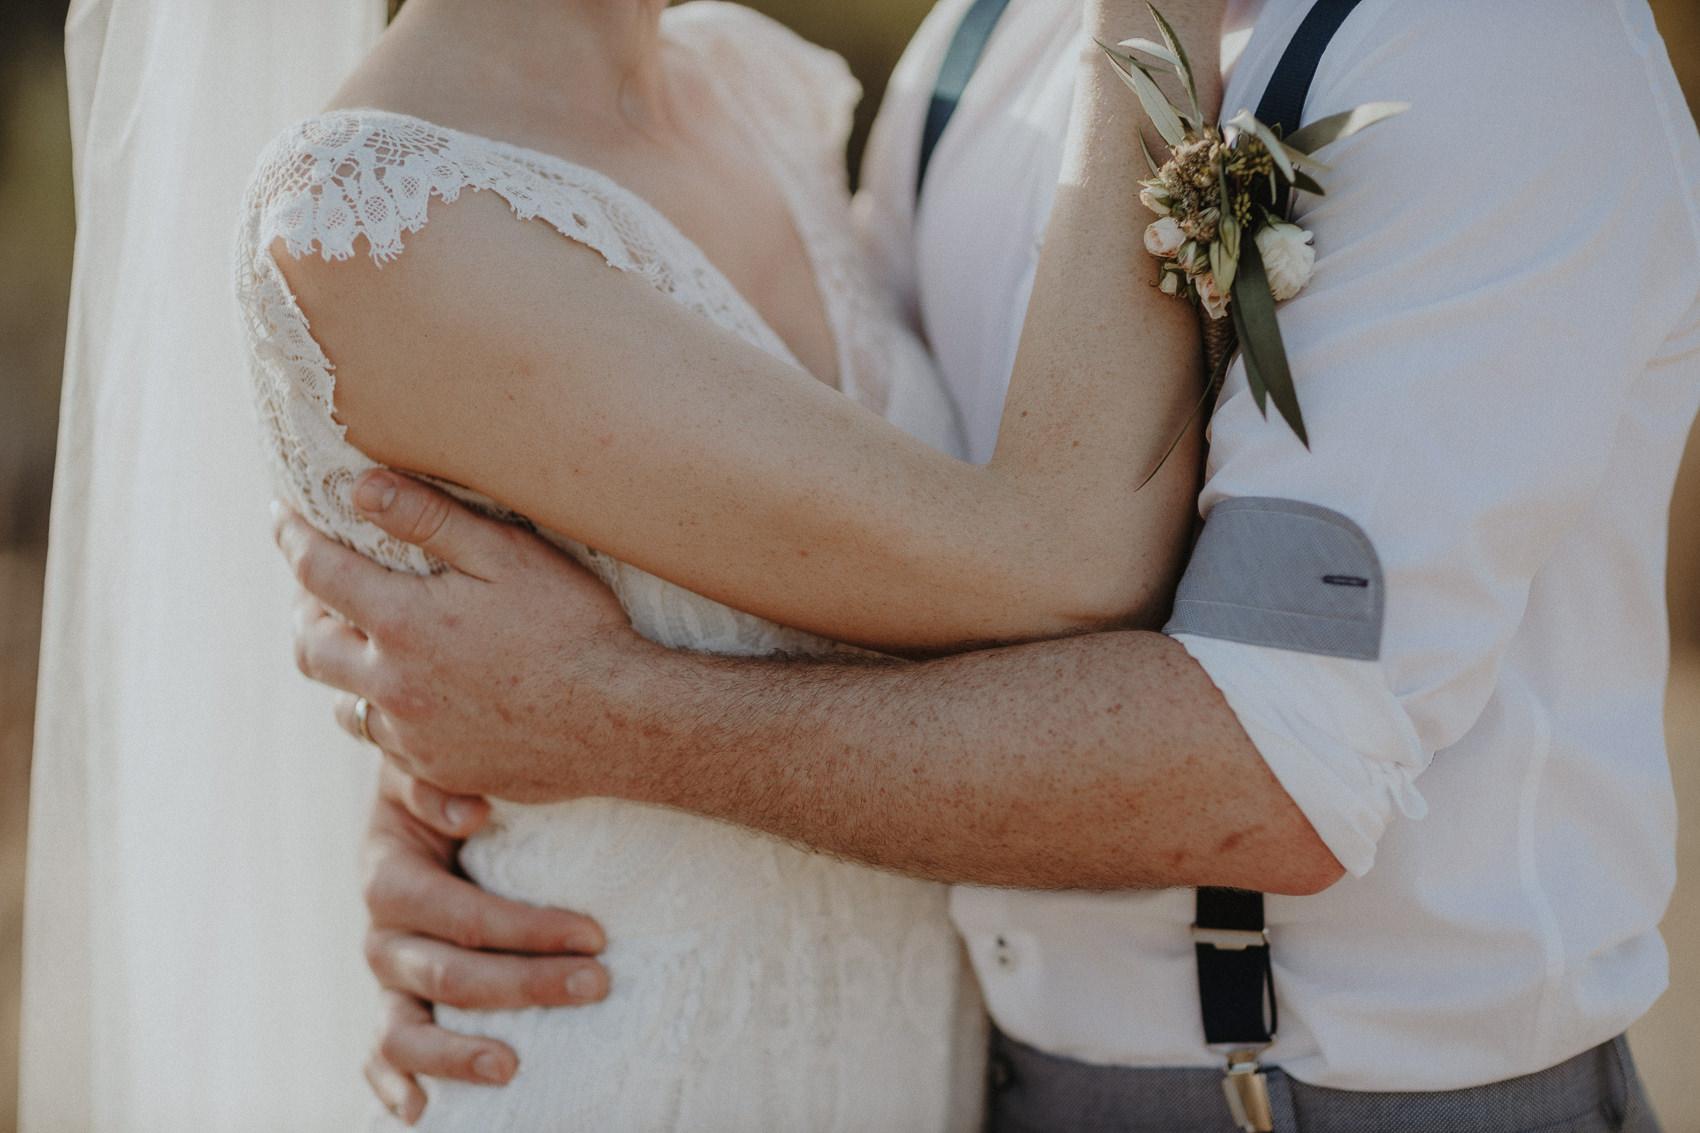 Sarah & Bill | Summer wedding at Cortijo Rosa Blanca | Marbella - Spain 131